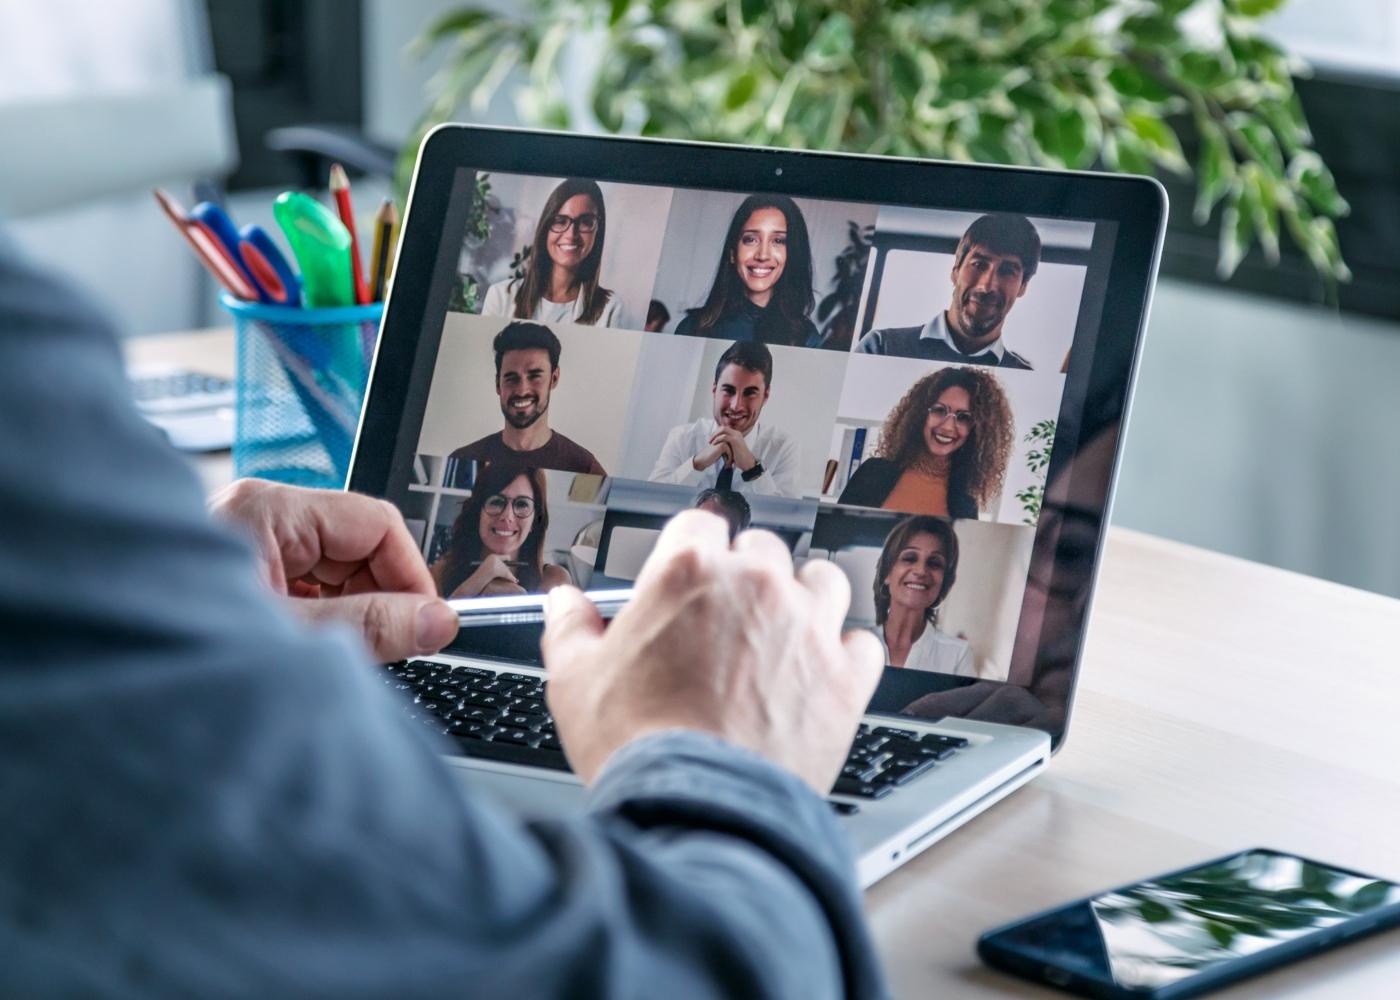 pessoa em reunião por vídeoconferência